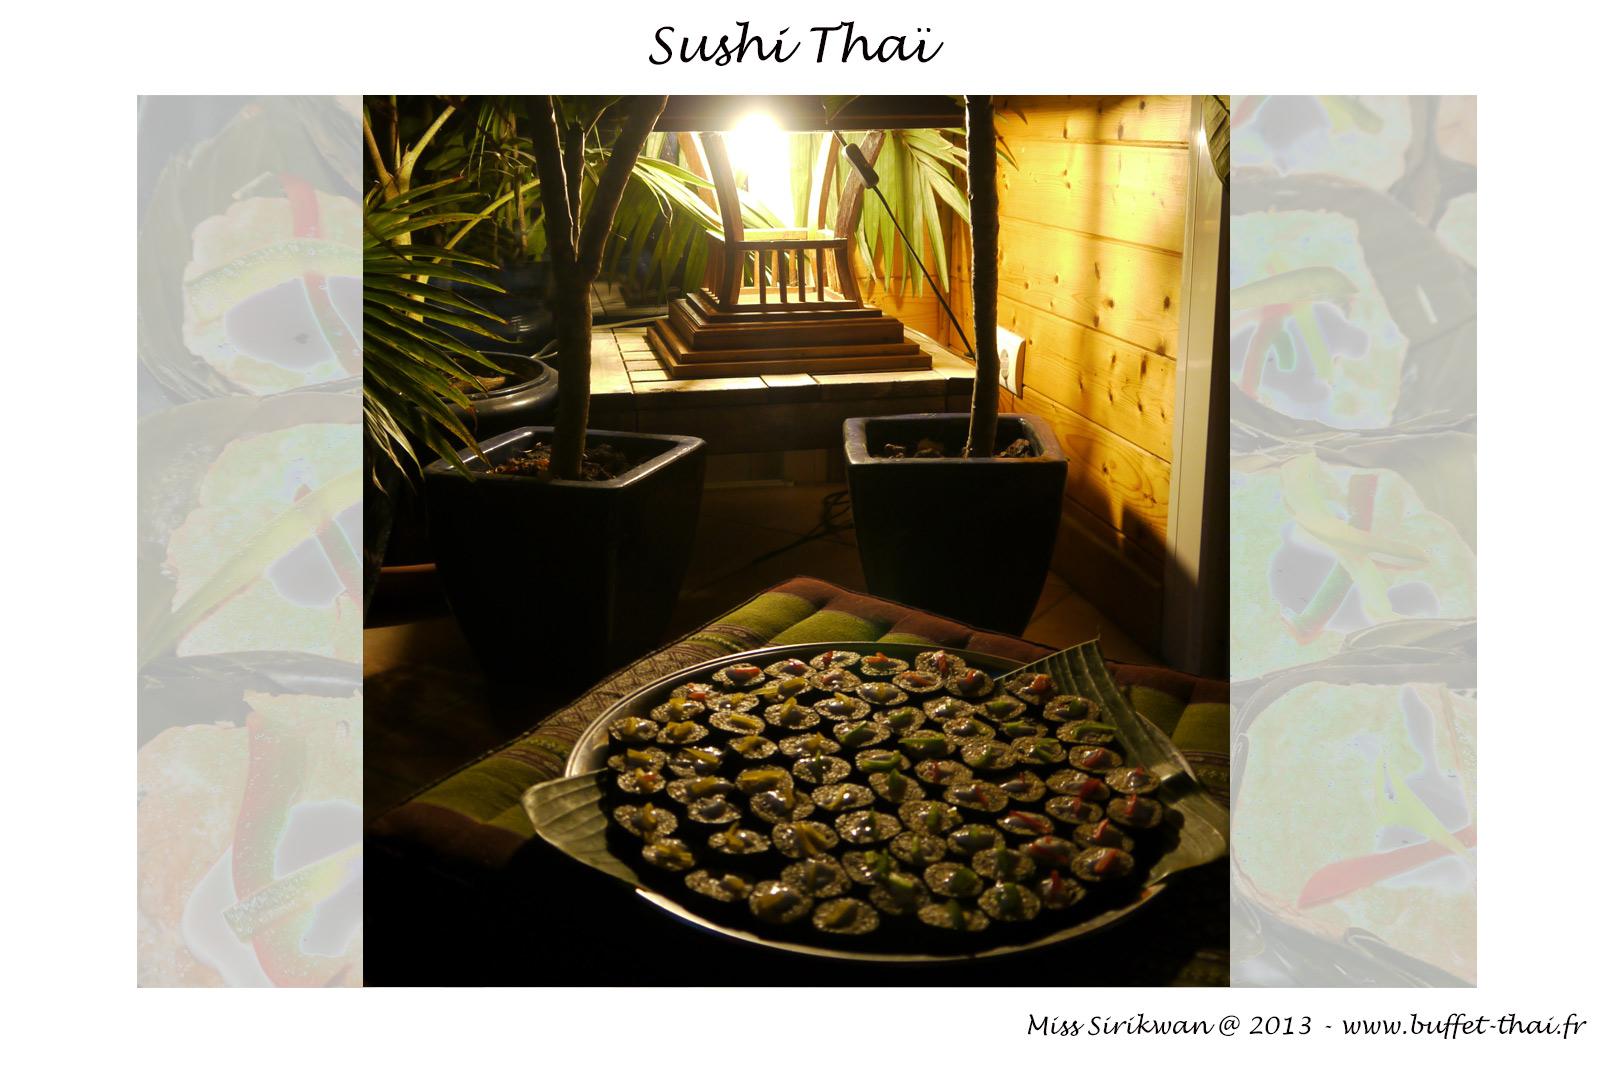 sushi-thai-crevettes-4